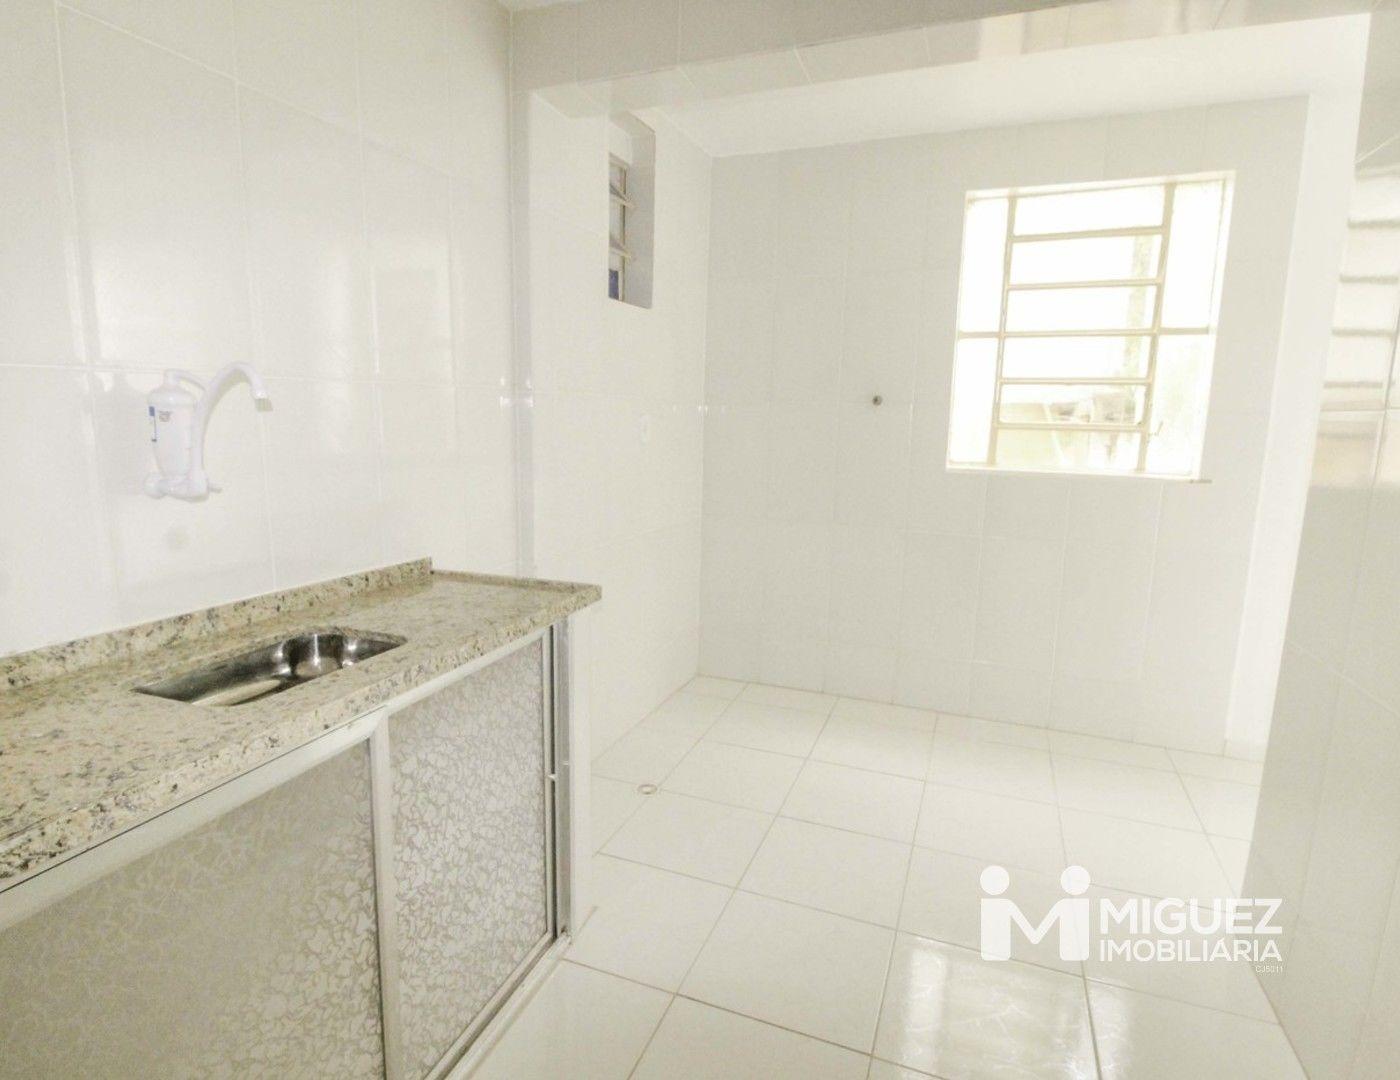 Casa, aluguel, Rua Jorge Lossio - Tijuca , Rio de janeiro